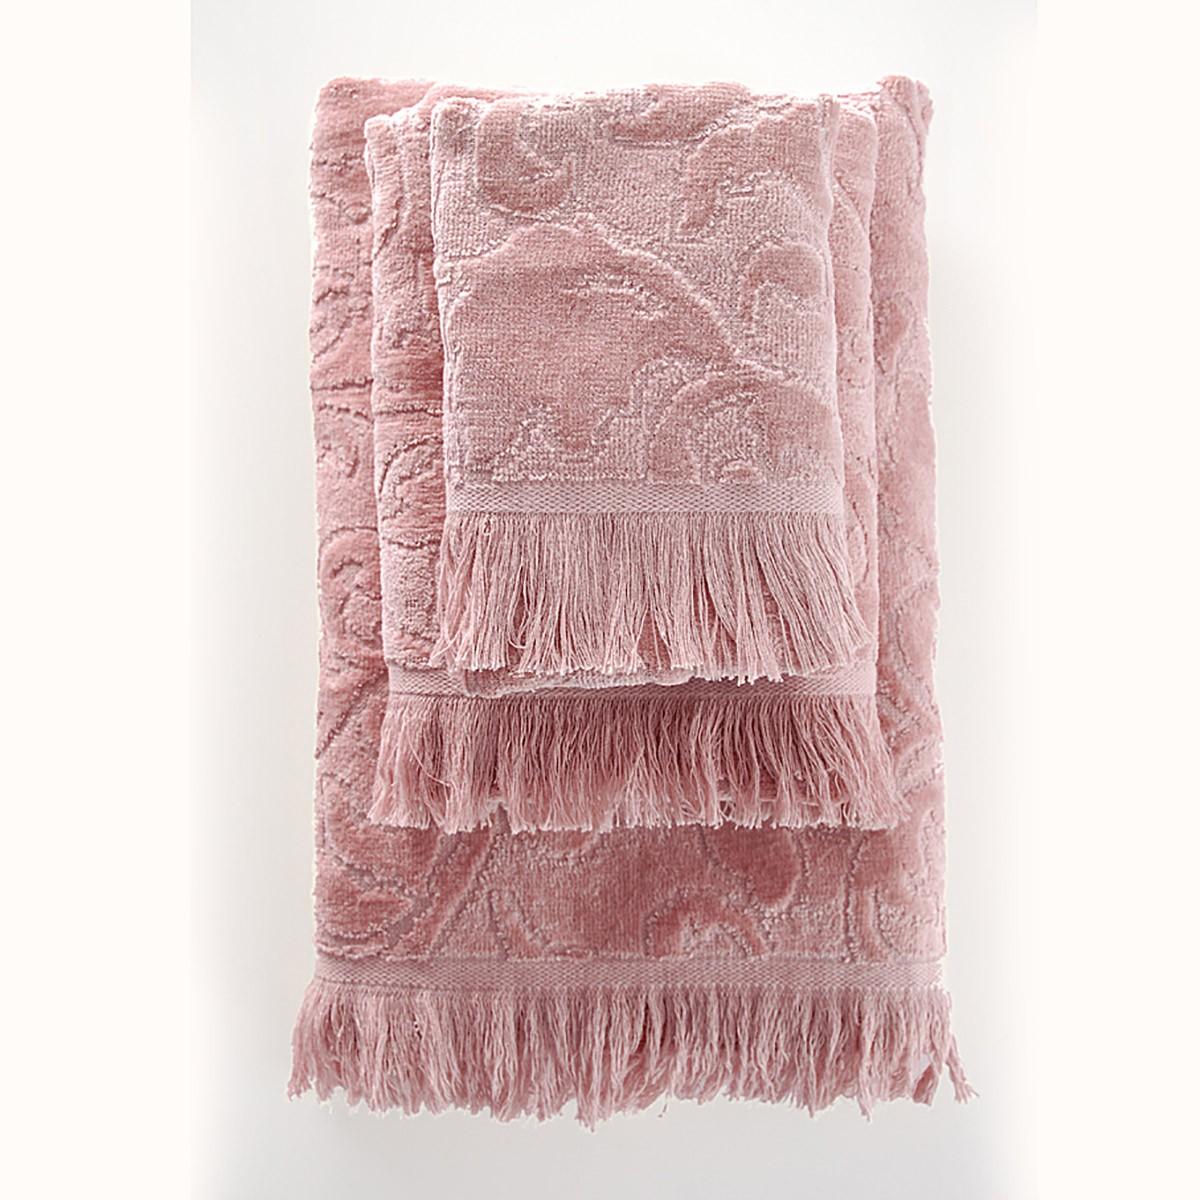 Πετσέτες Μπάνιου (Σετ 5τμχ) Rythmos Sienna